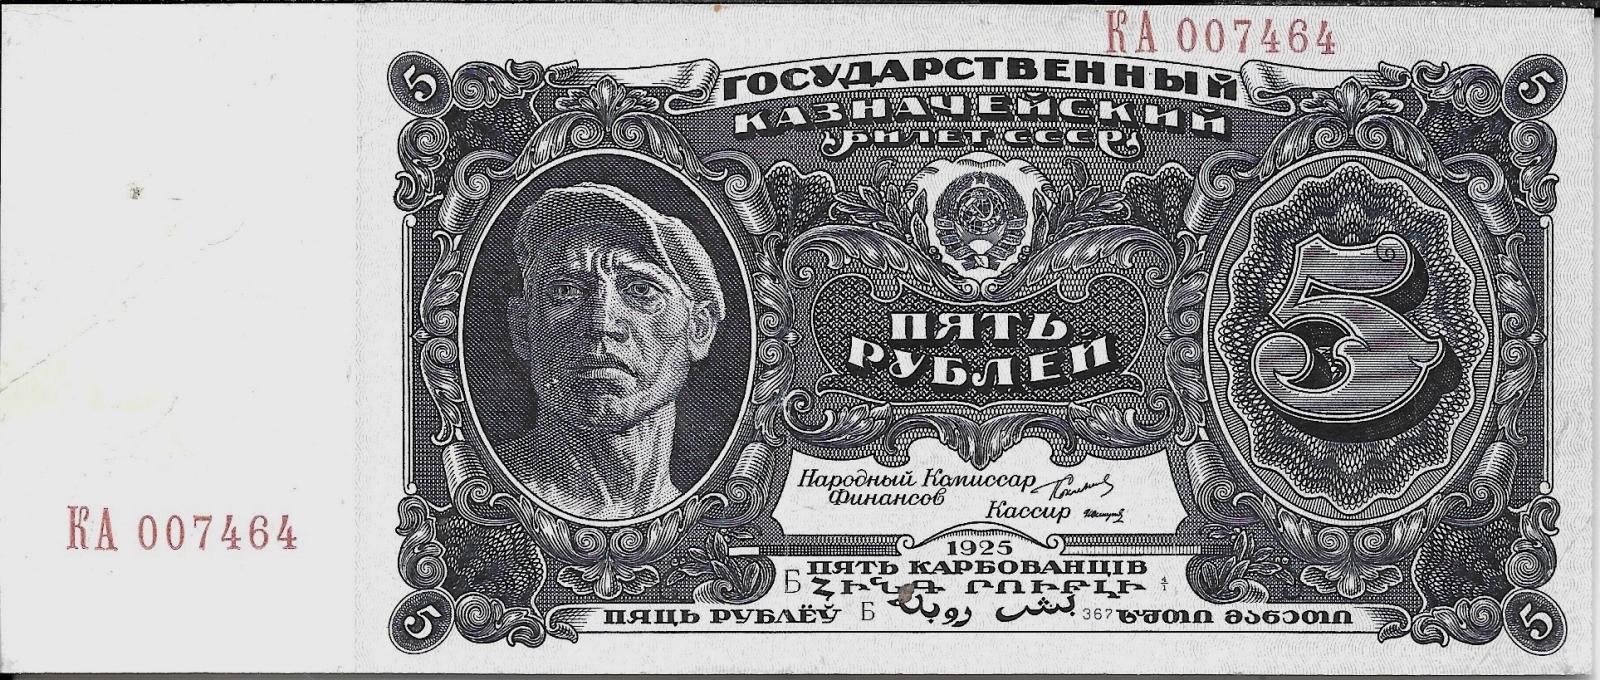 5 рублей 1925 года цена займ 1982 года цена